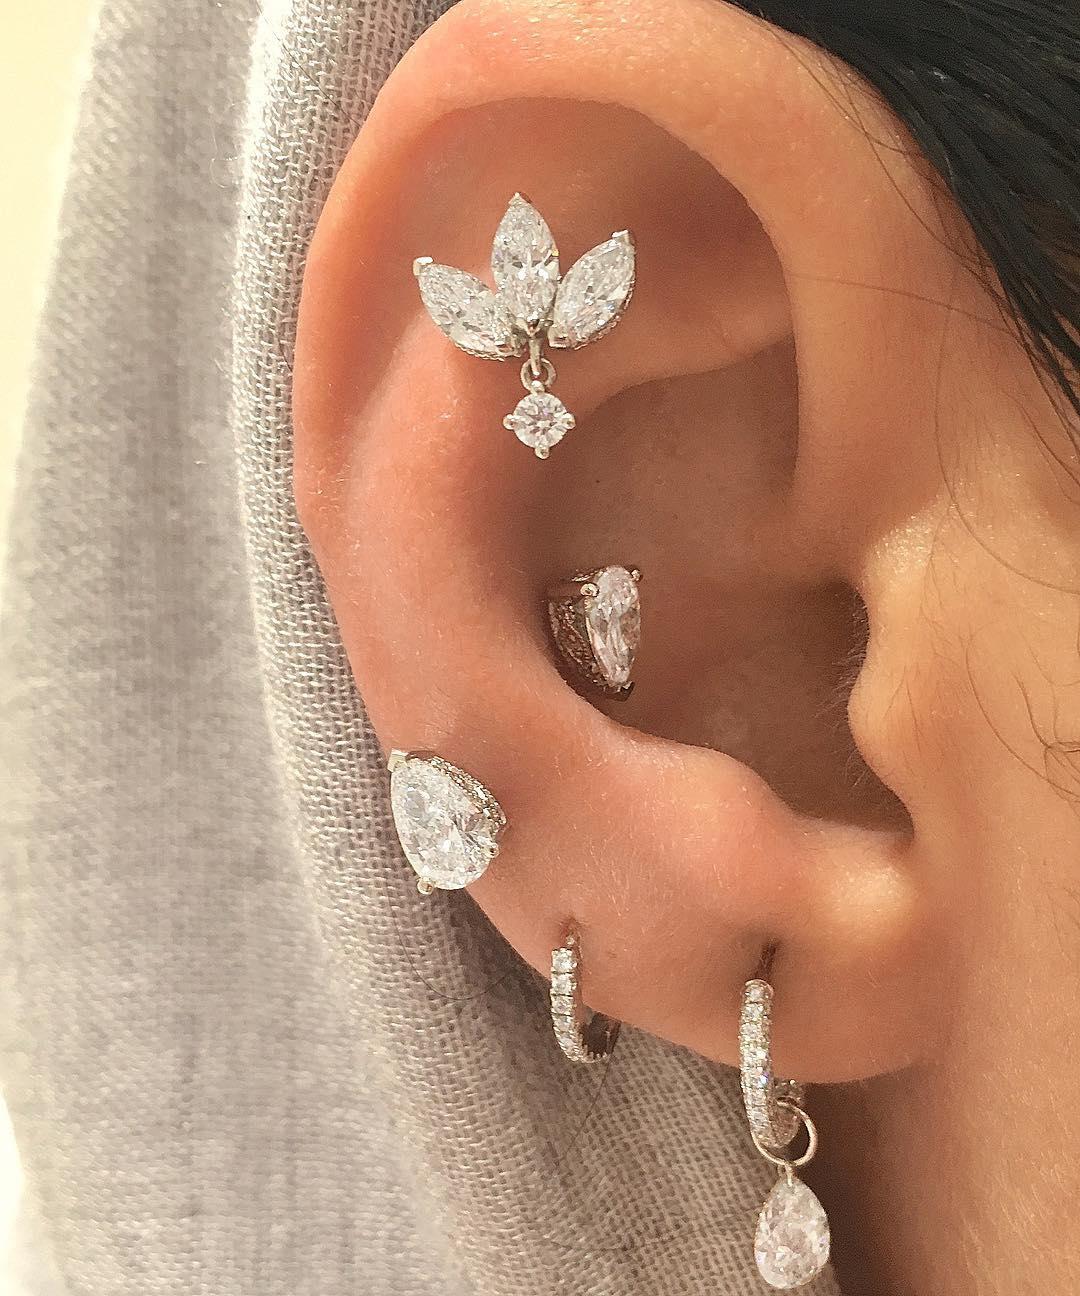 piercings multiplos luxo